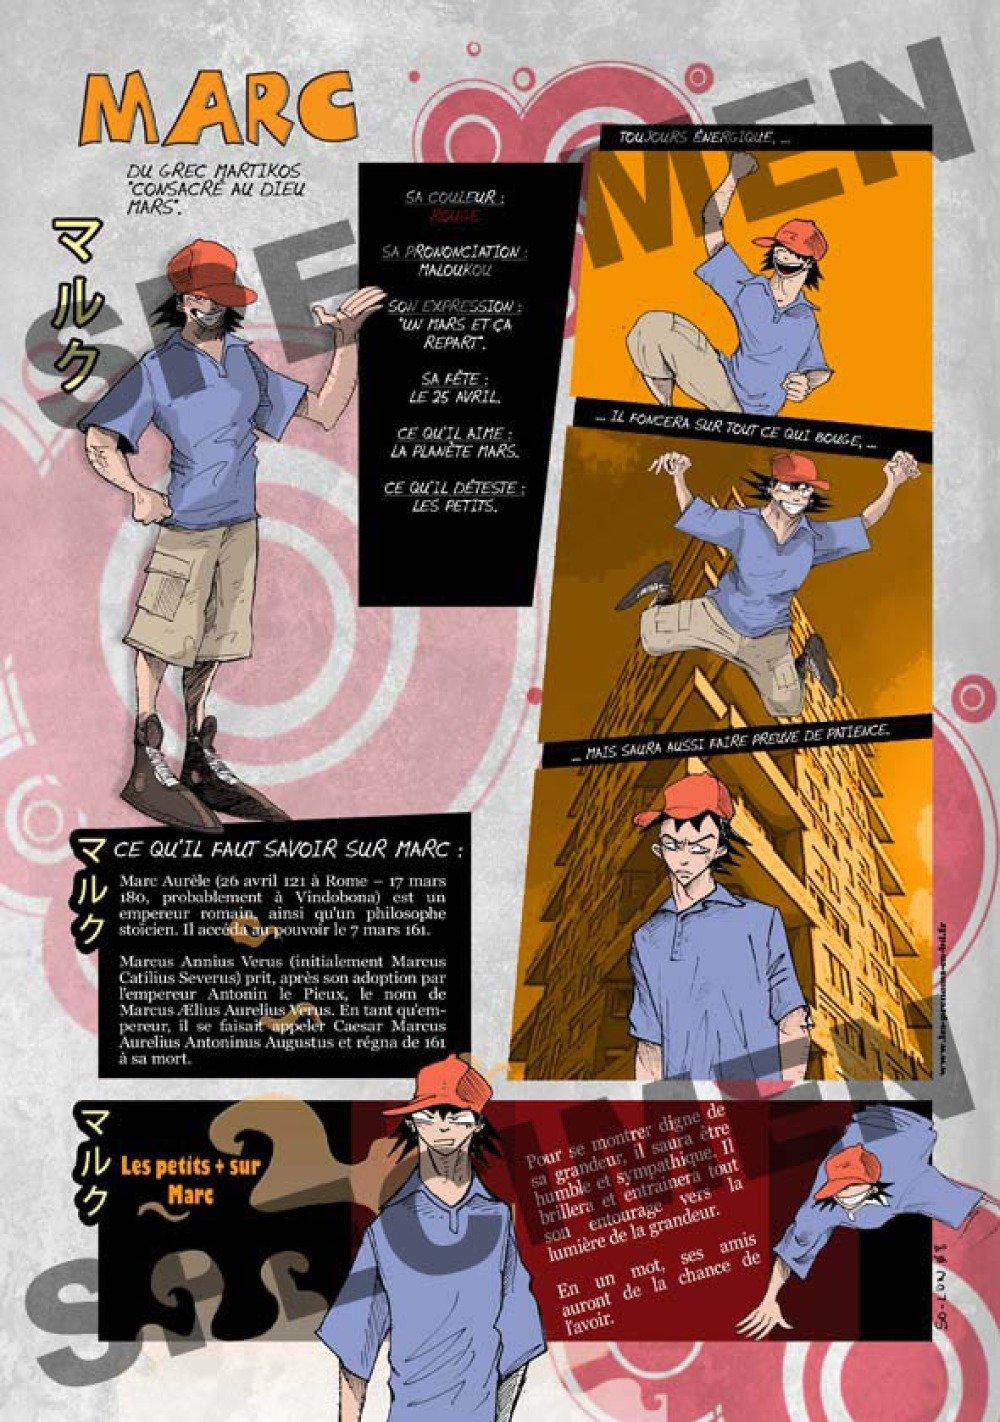 Prénom Manga Marc